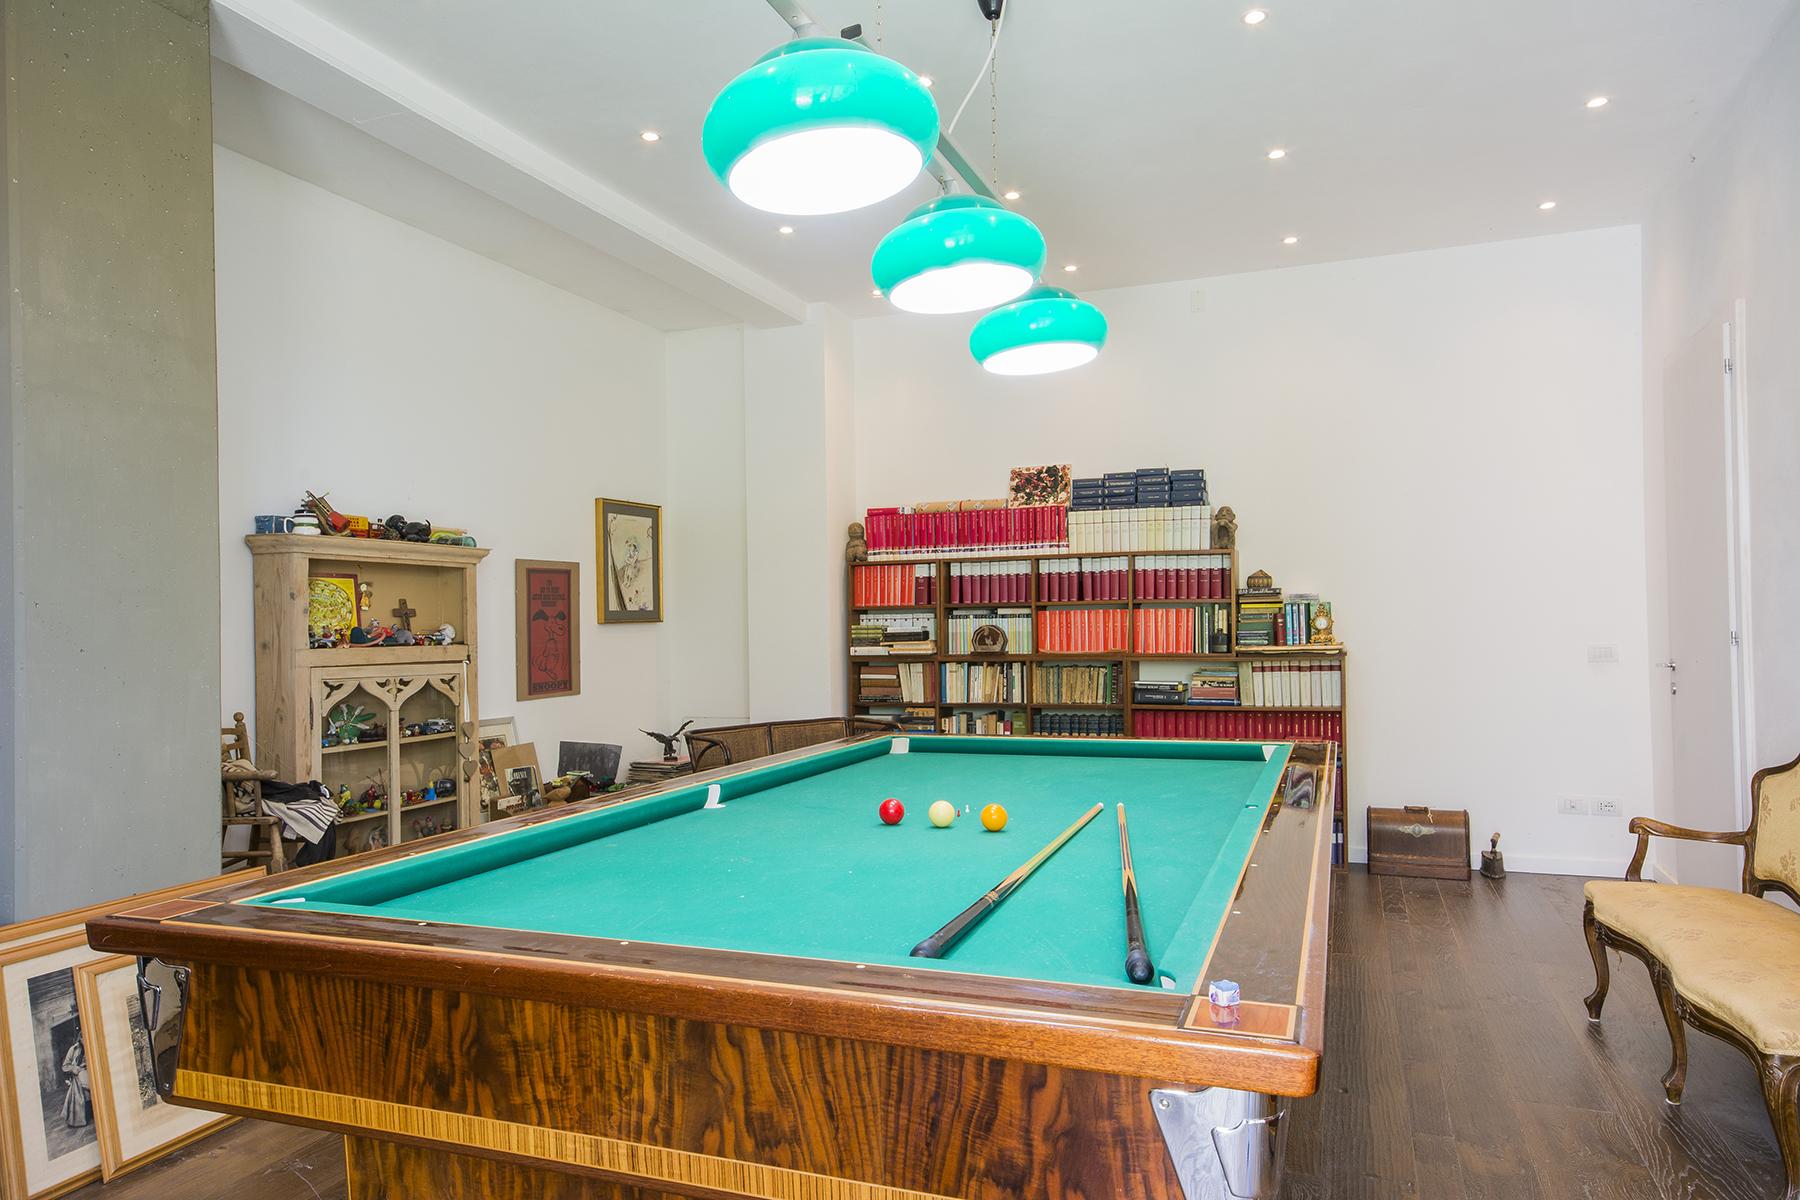 Casa indipendente in Vendita a Lisciano Niccone: 5 locali, 414 mq - Foto 21